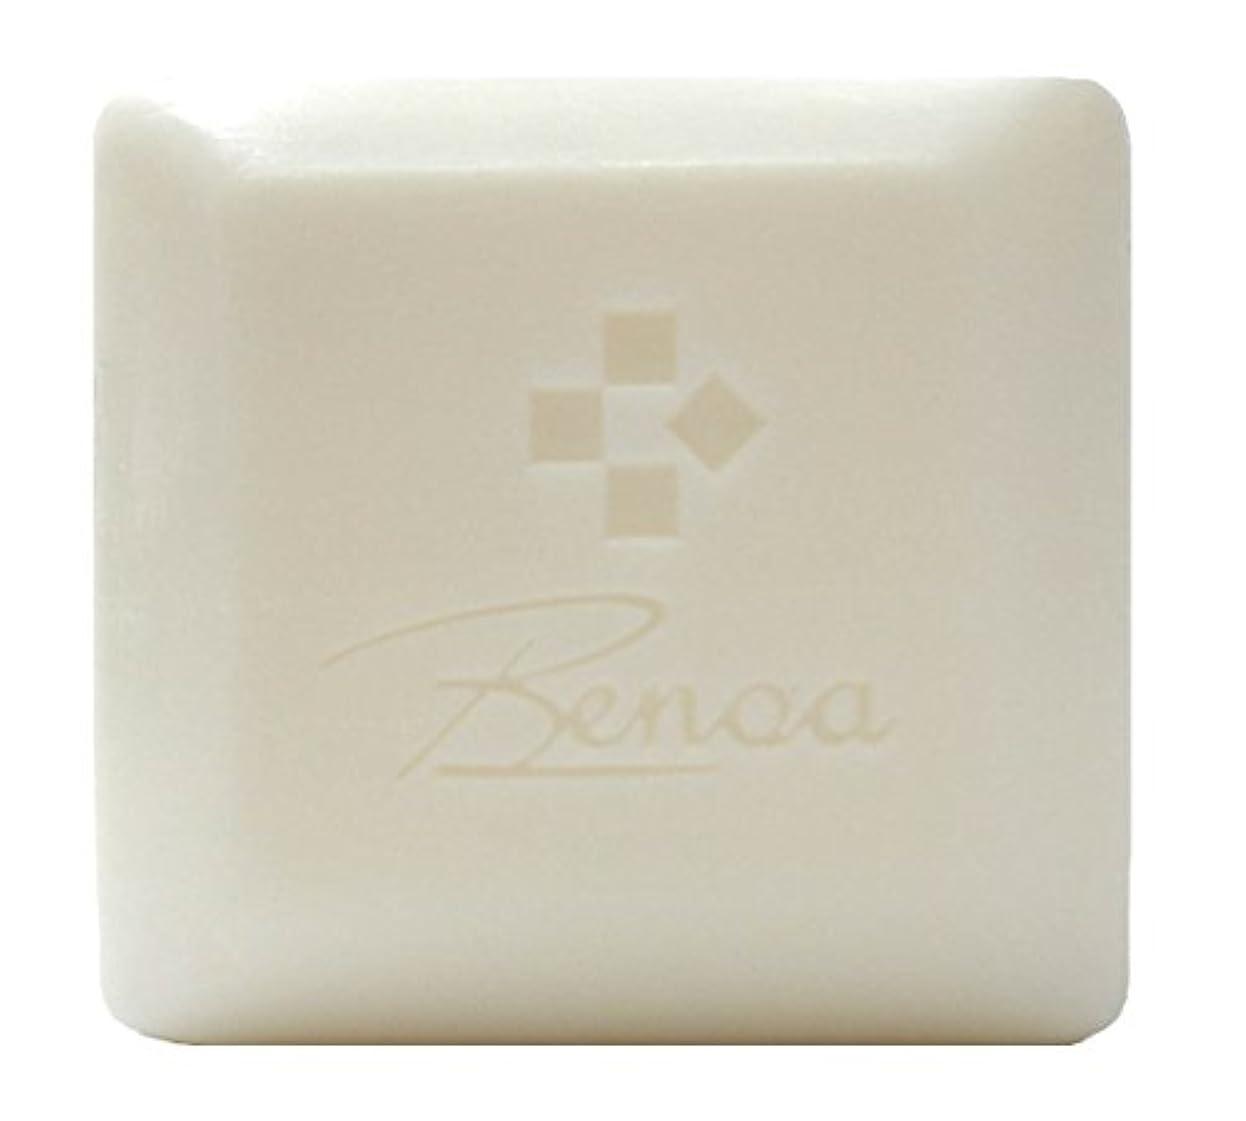 検索エンジンマーケティングリズミカルな急勾配の馬油ソープ ベノア 洗顔石鹸 80g